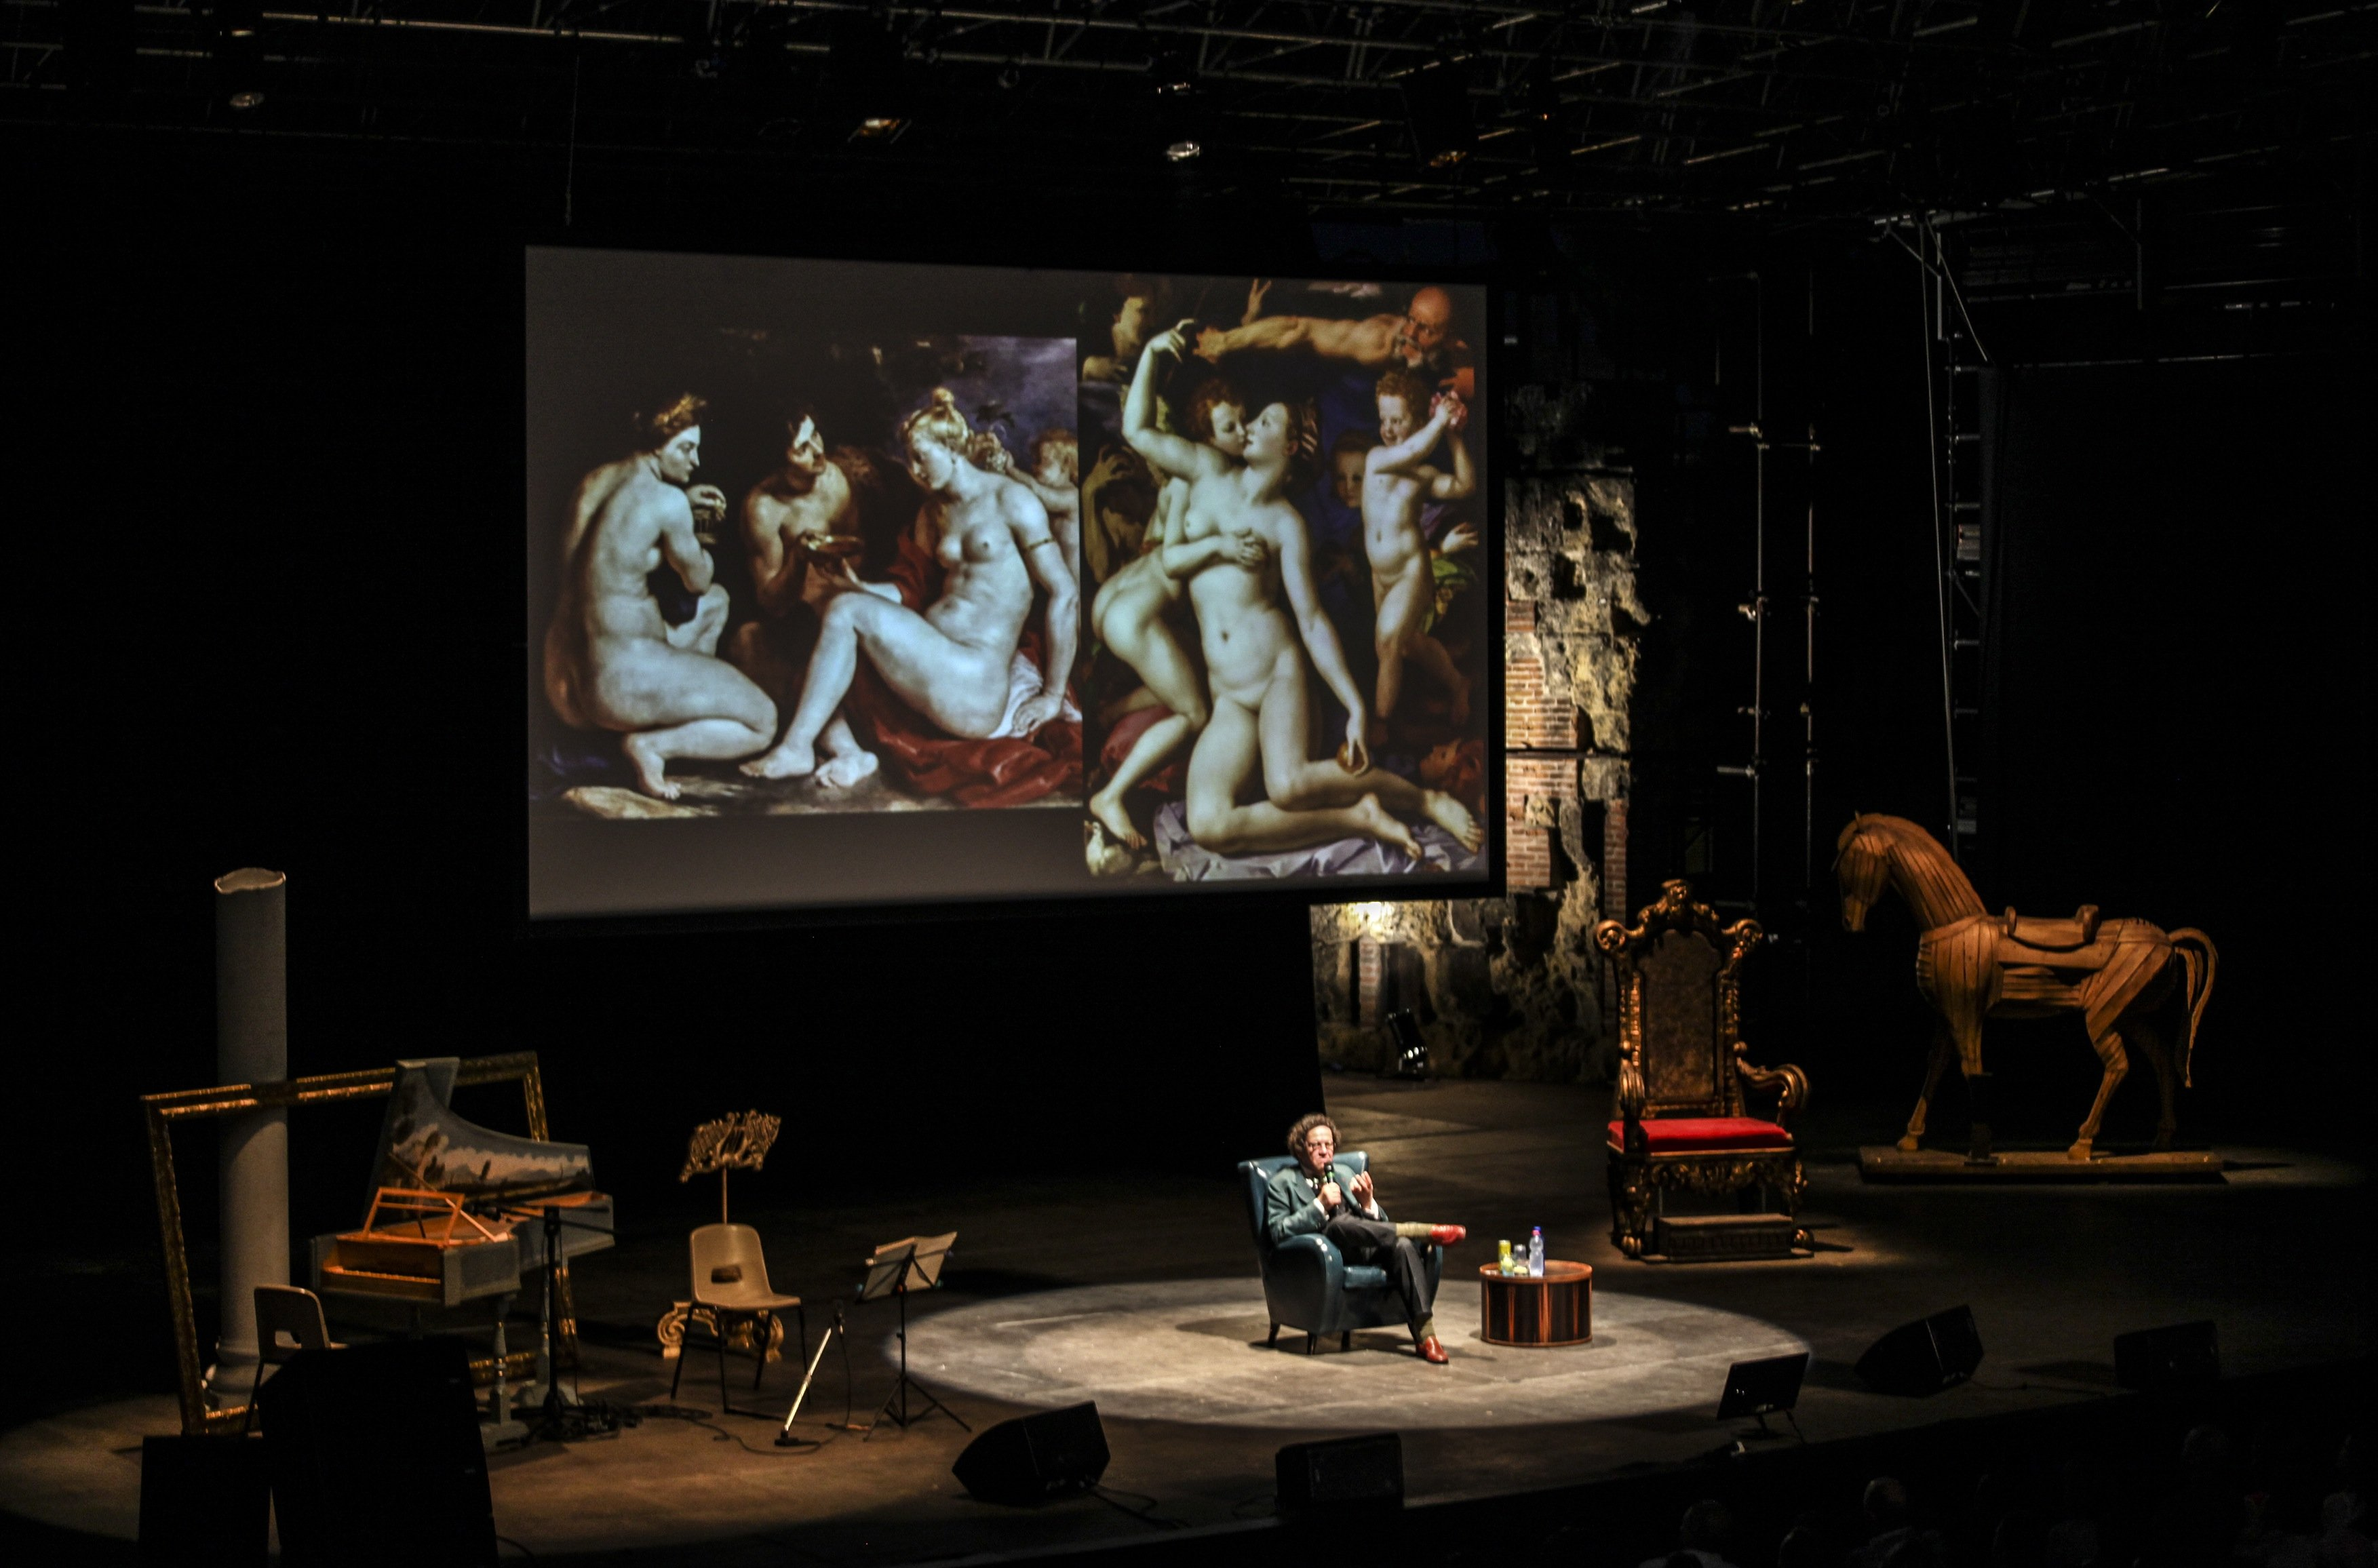 Philippe Daverio in scena al Festival della Bellezza - credit Elena Zago